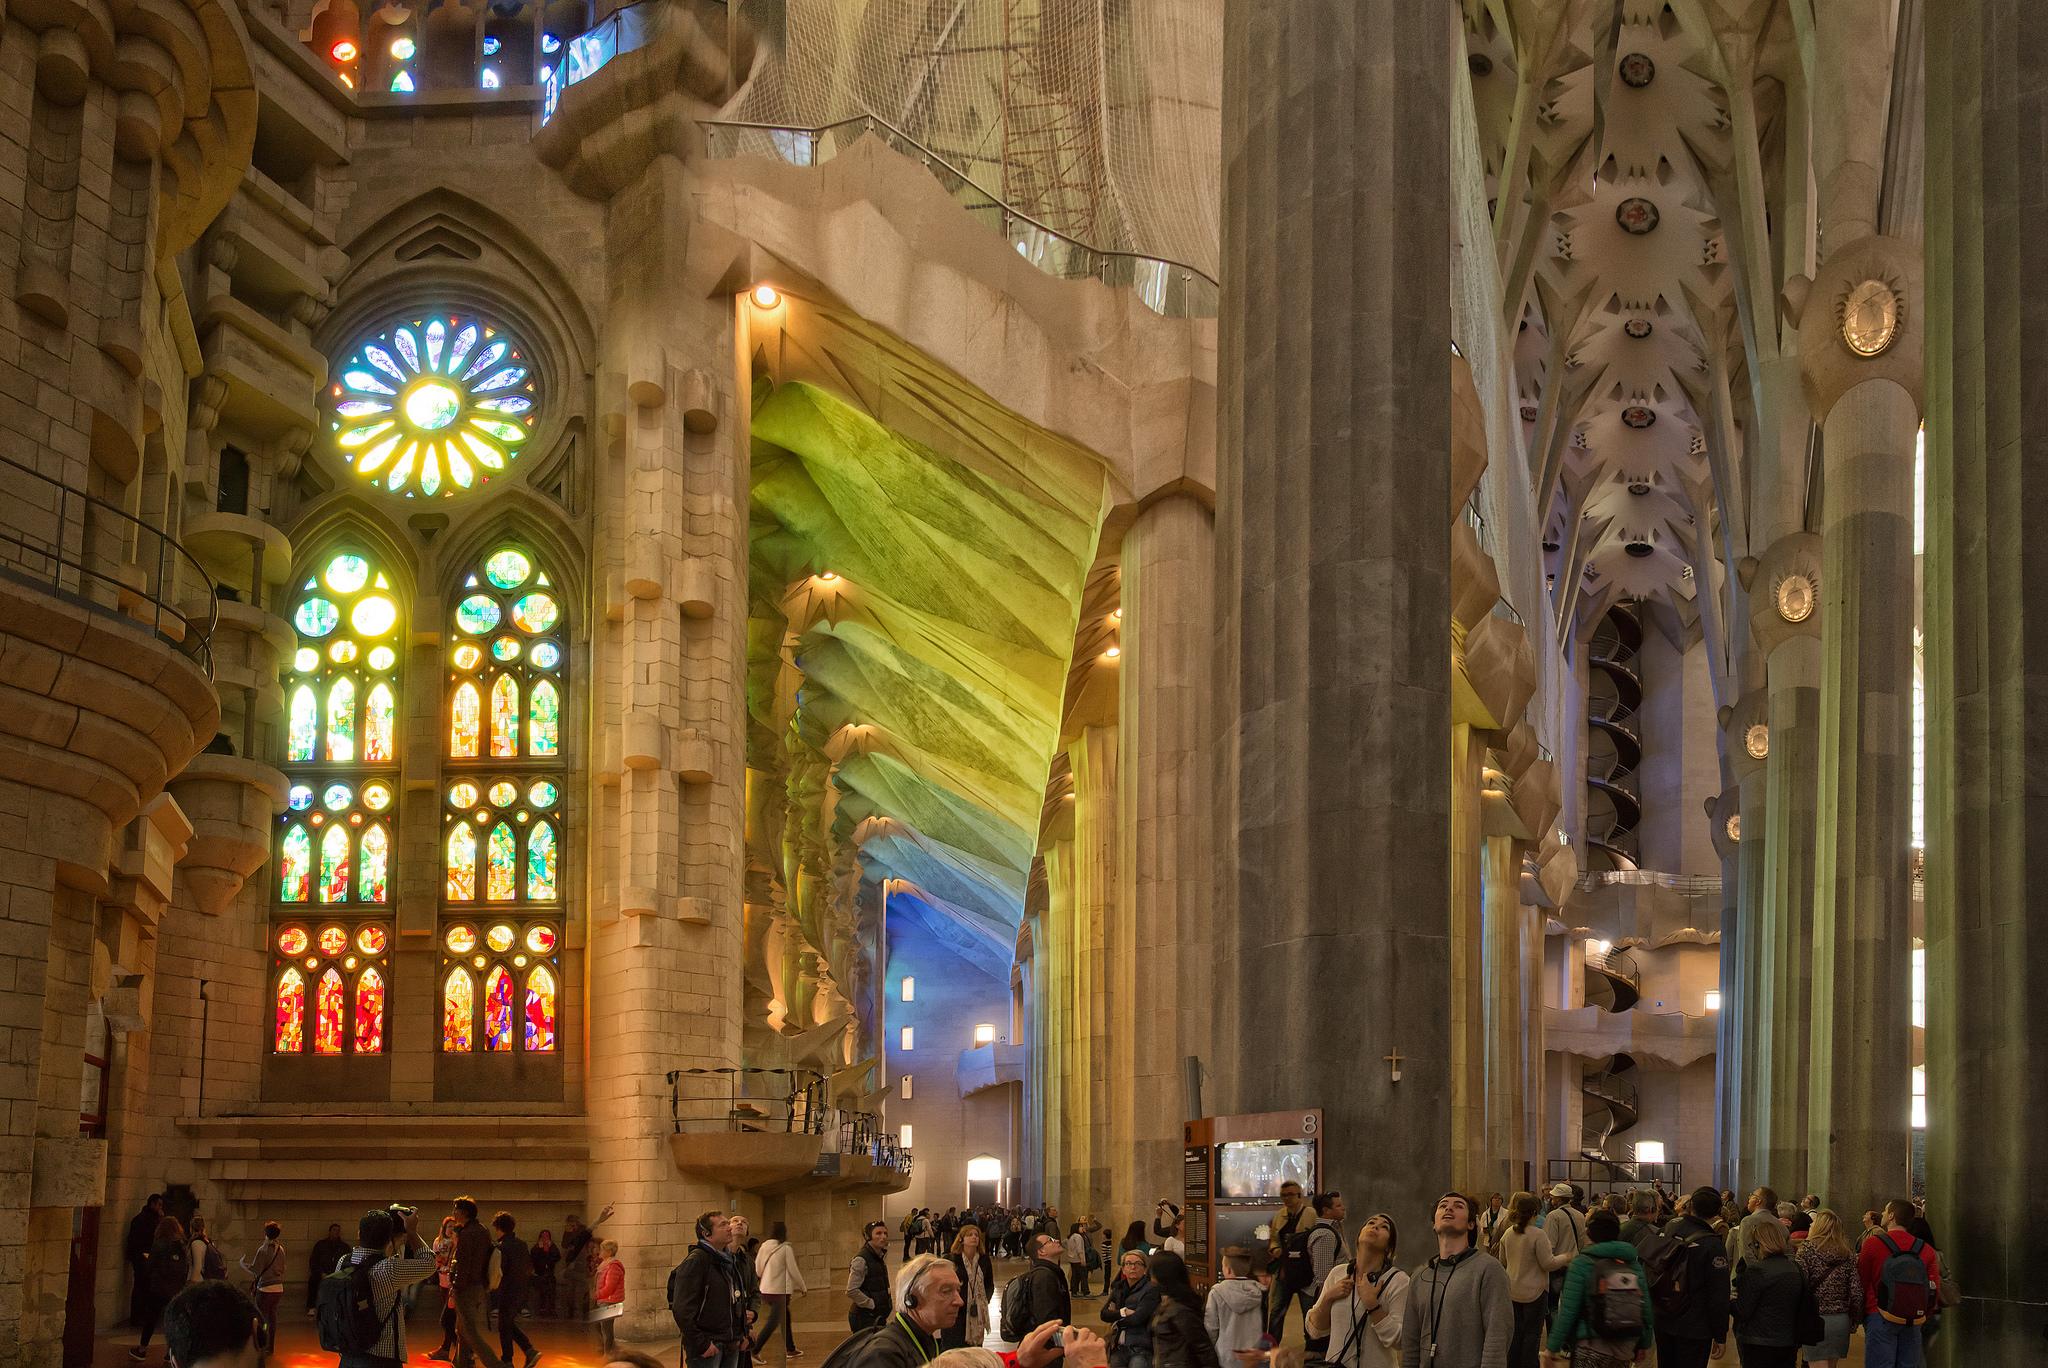 The Sagrada Familia | © haschelsax